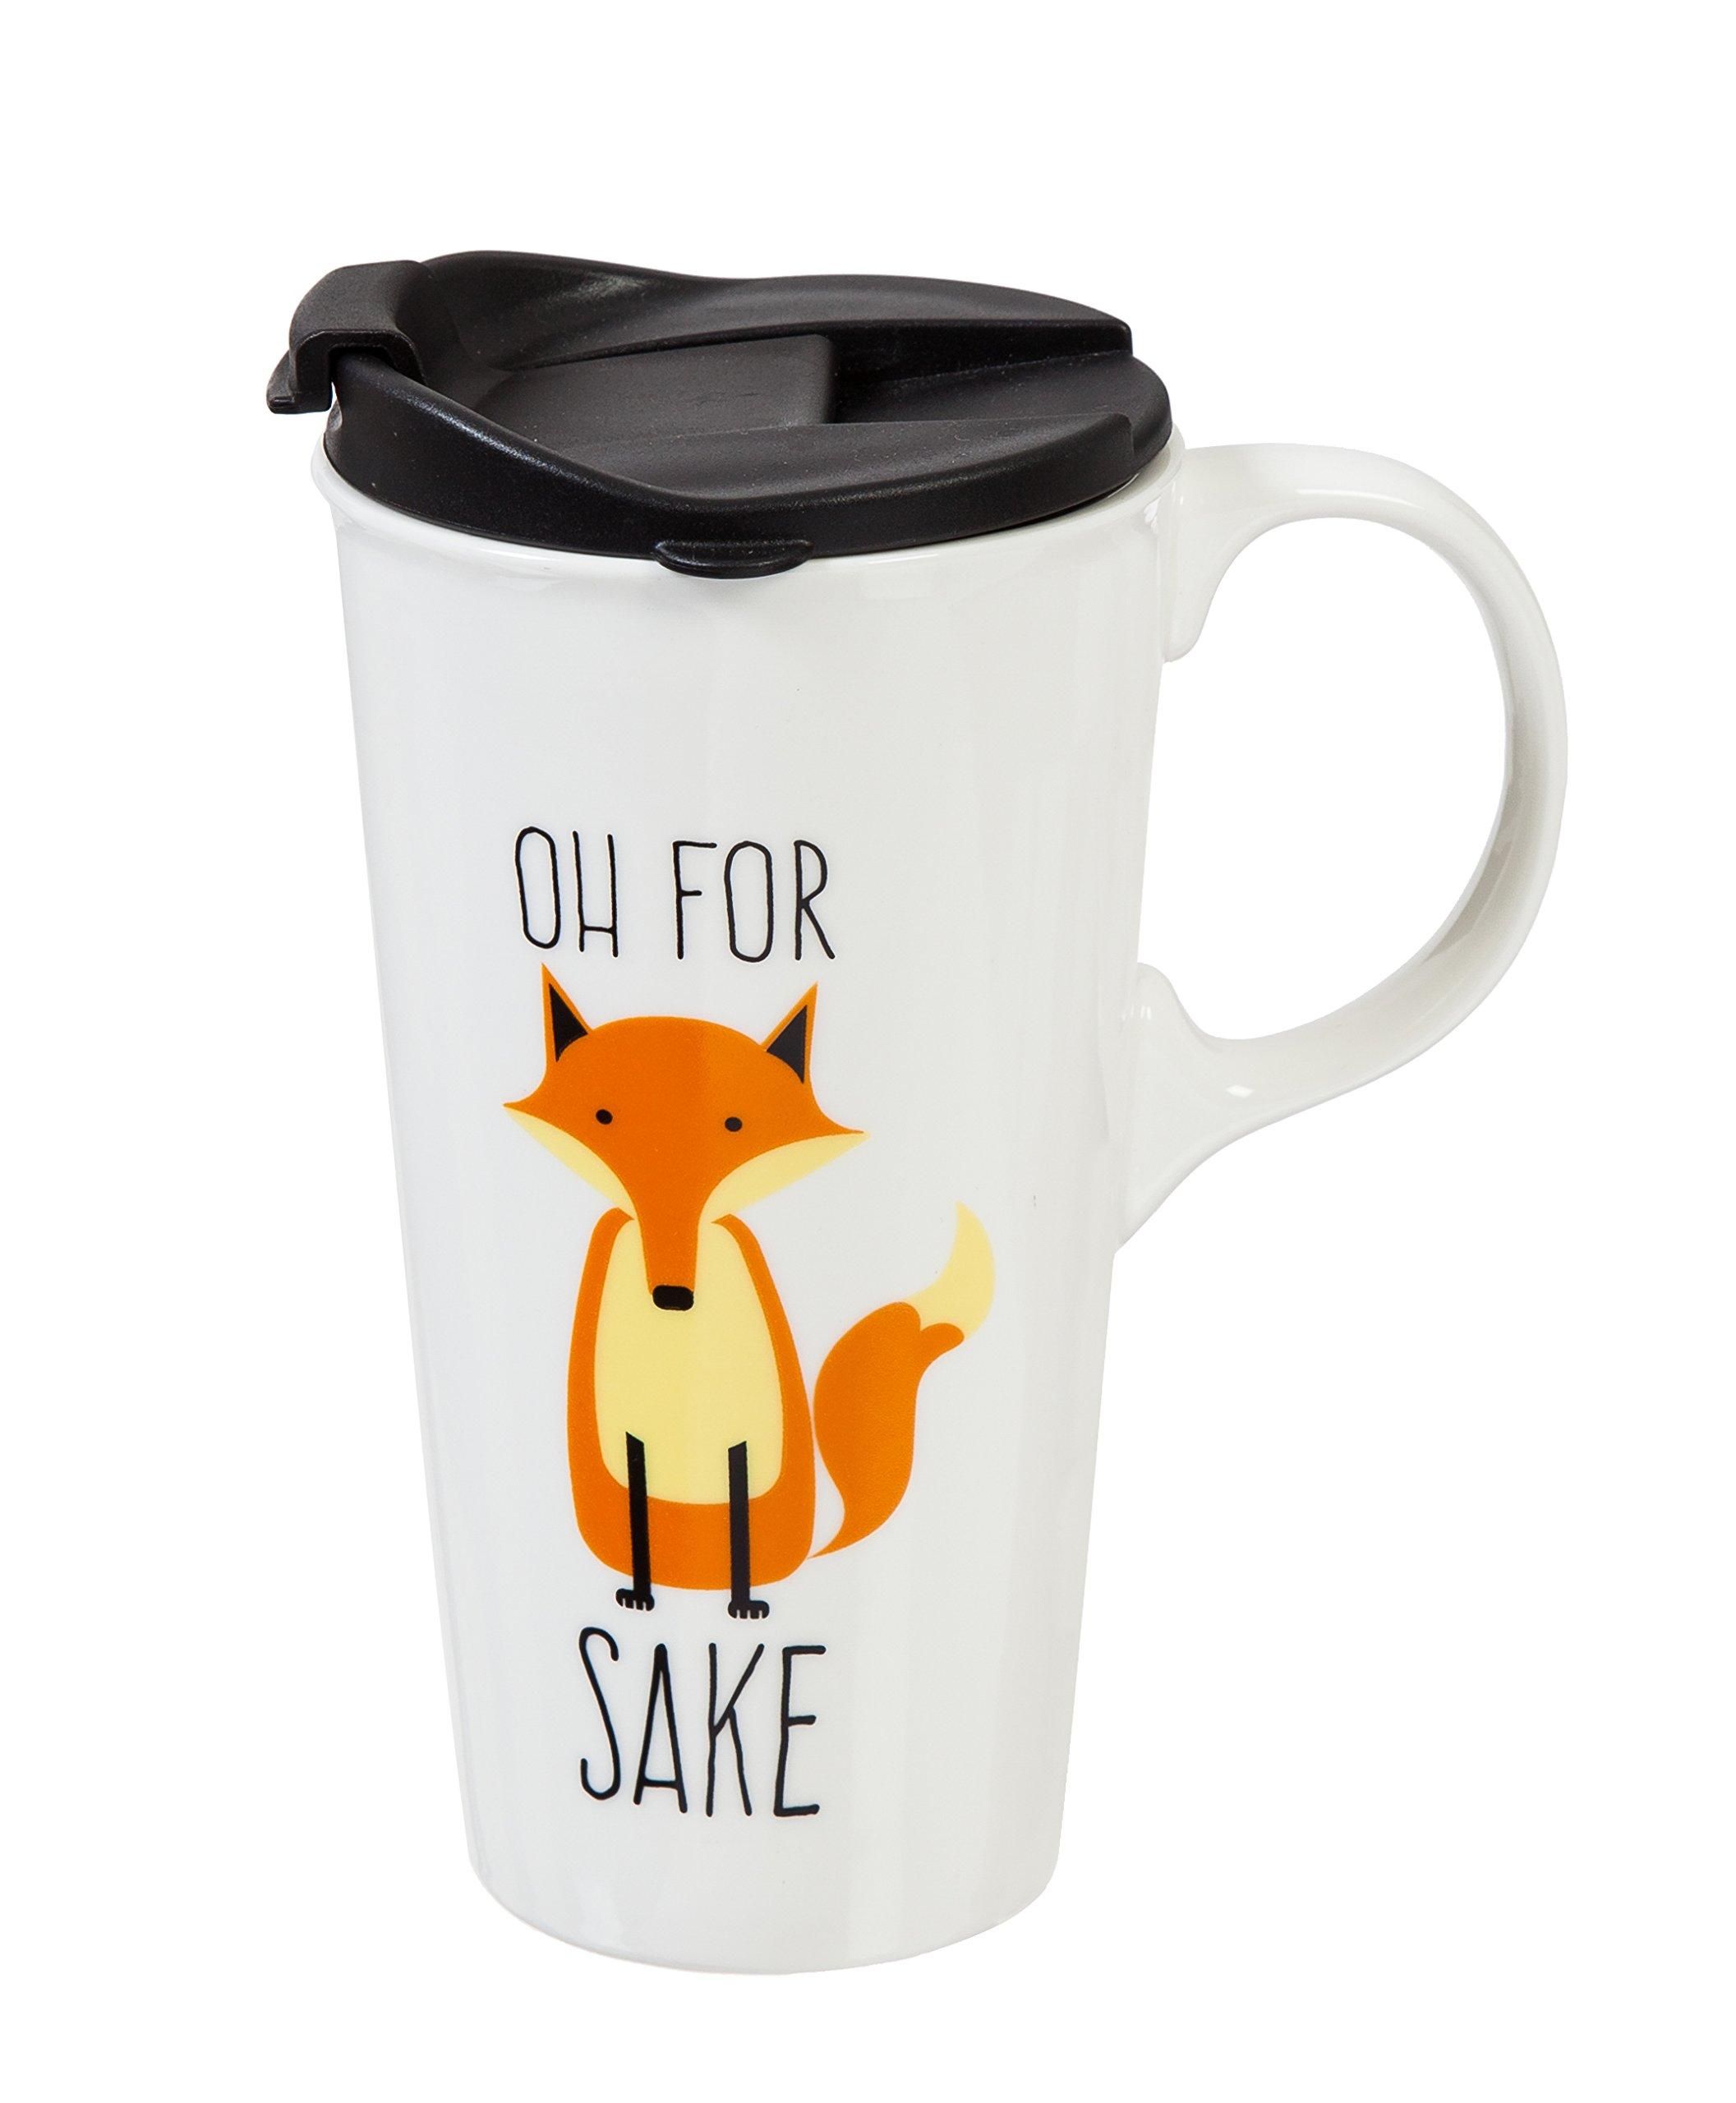 Cypress Home Oh For Fox Sake Ceramic Travel Coffee Mug, 17 ounces